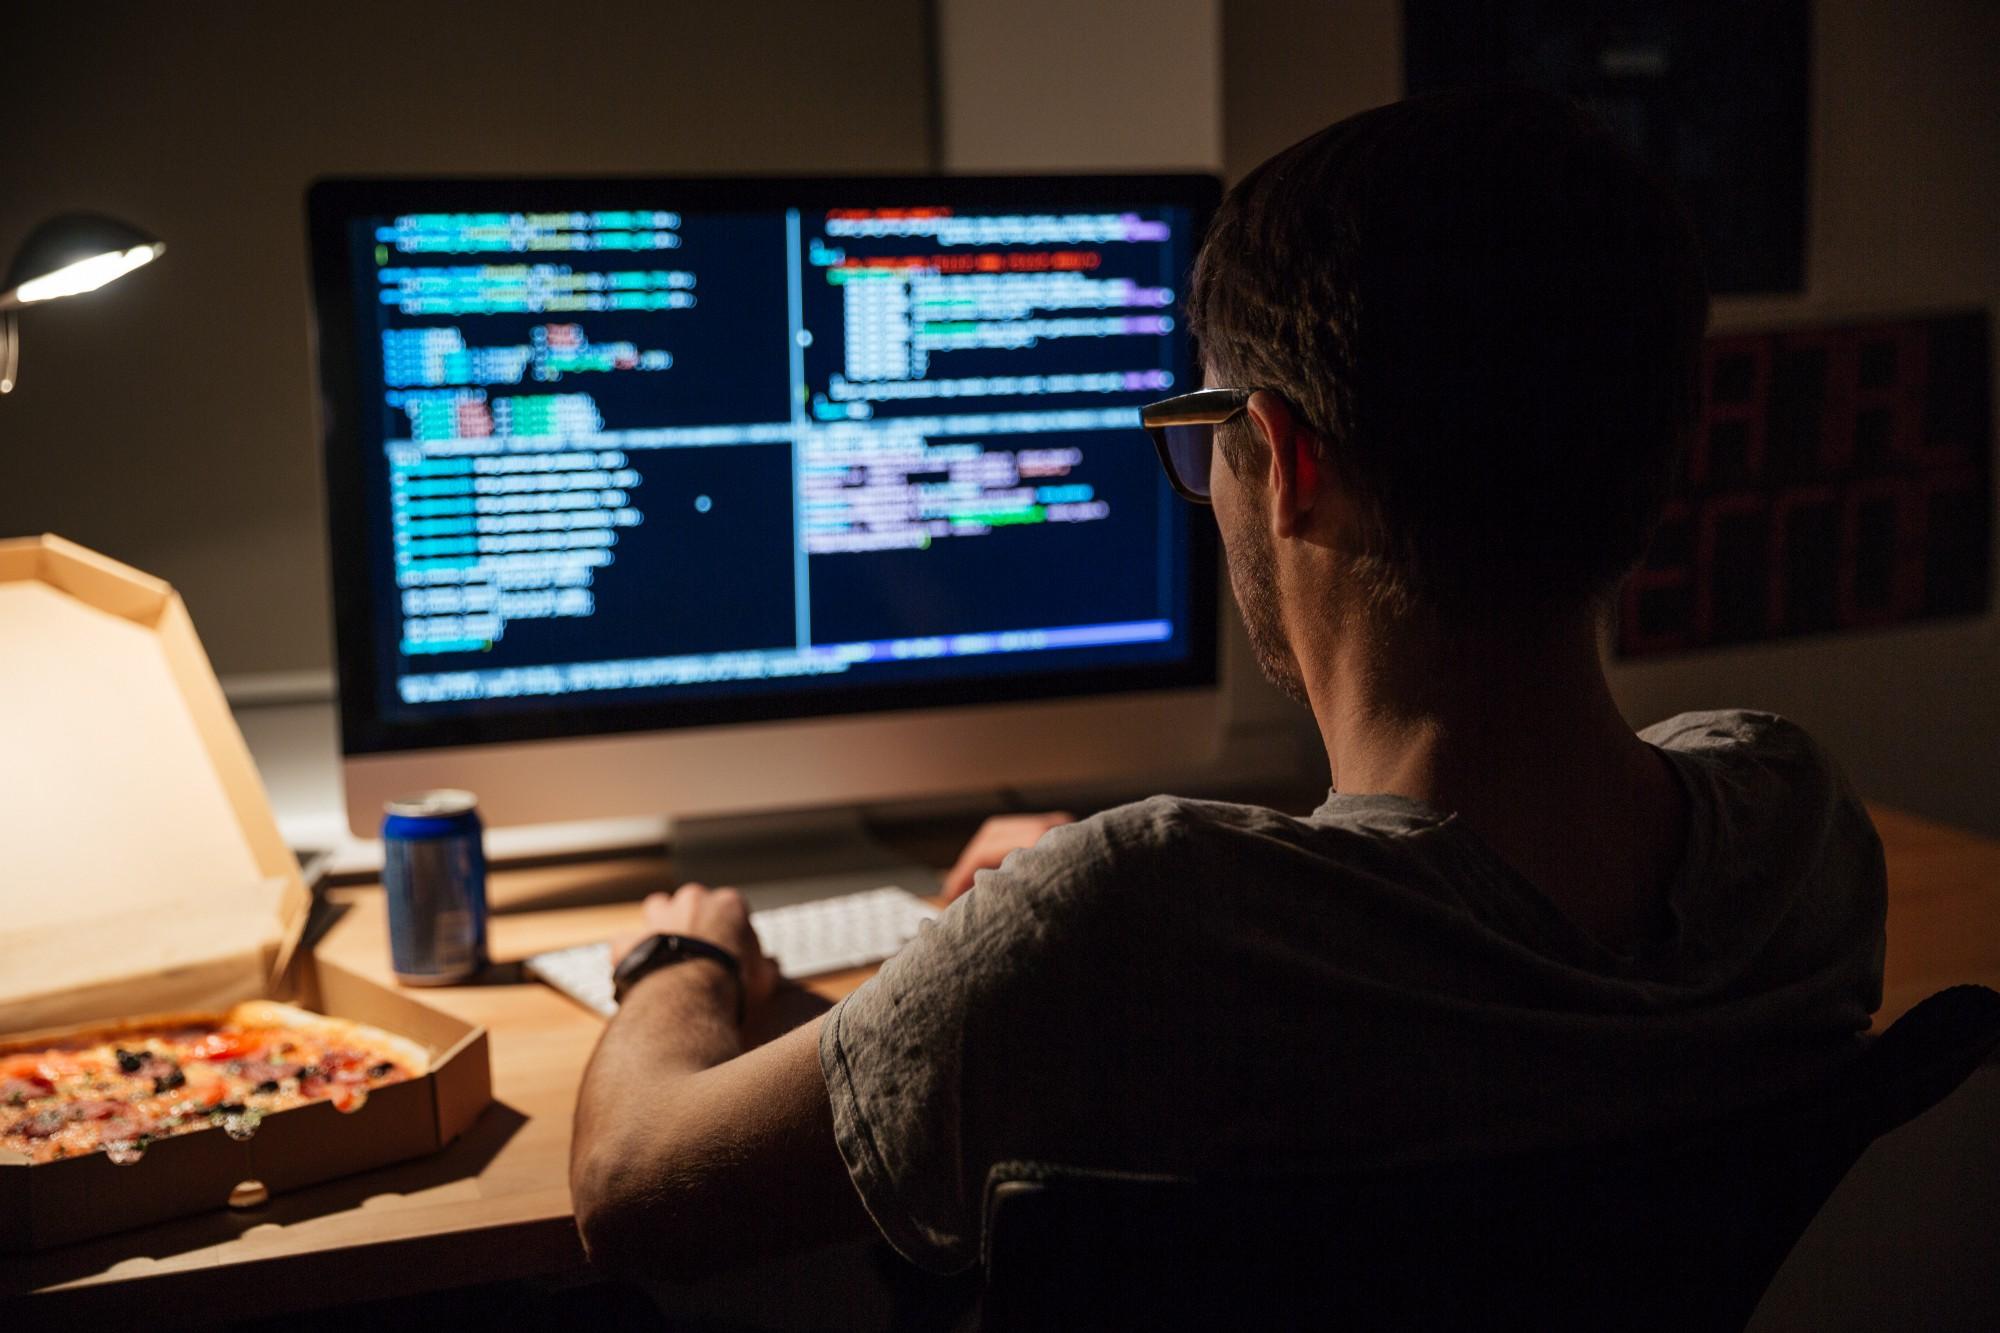 Khuôn mẫu điển hình của một developer: ngủ, ăn, làm việc đêm và lặp lại